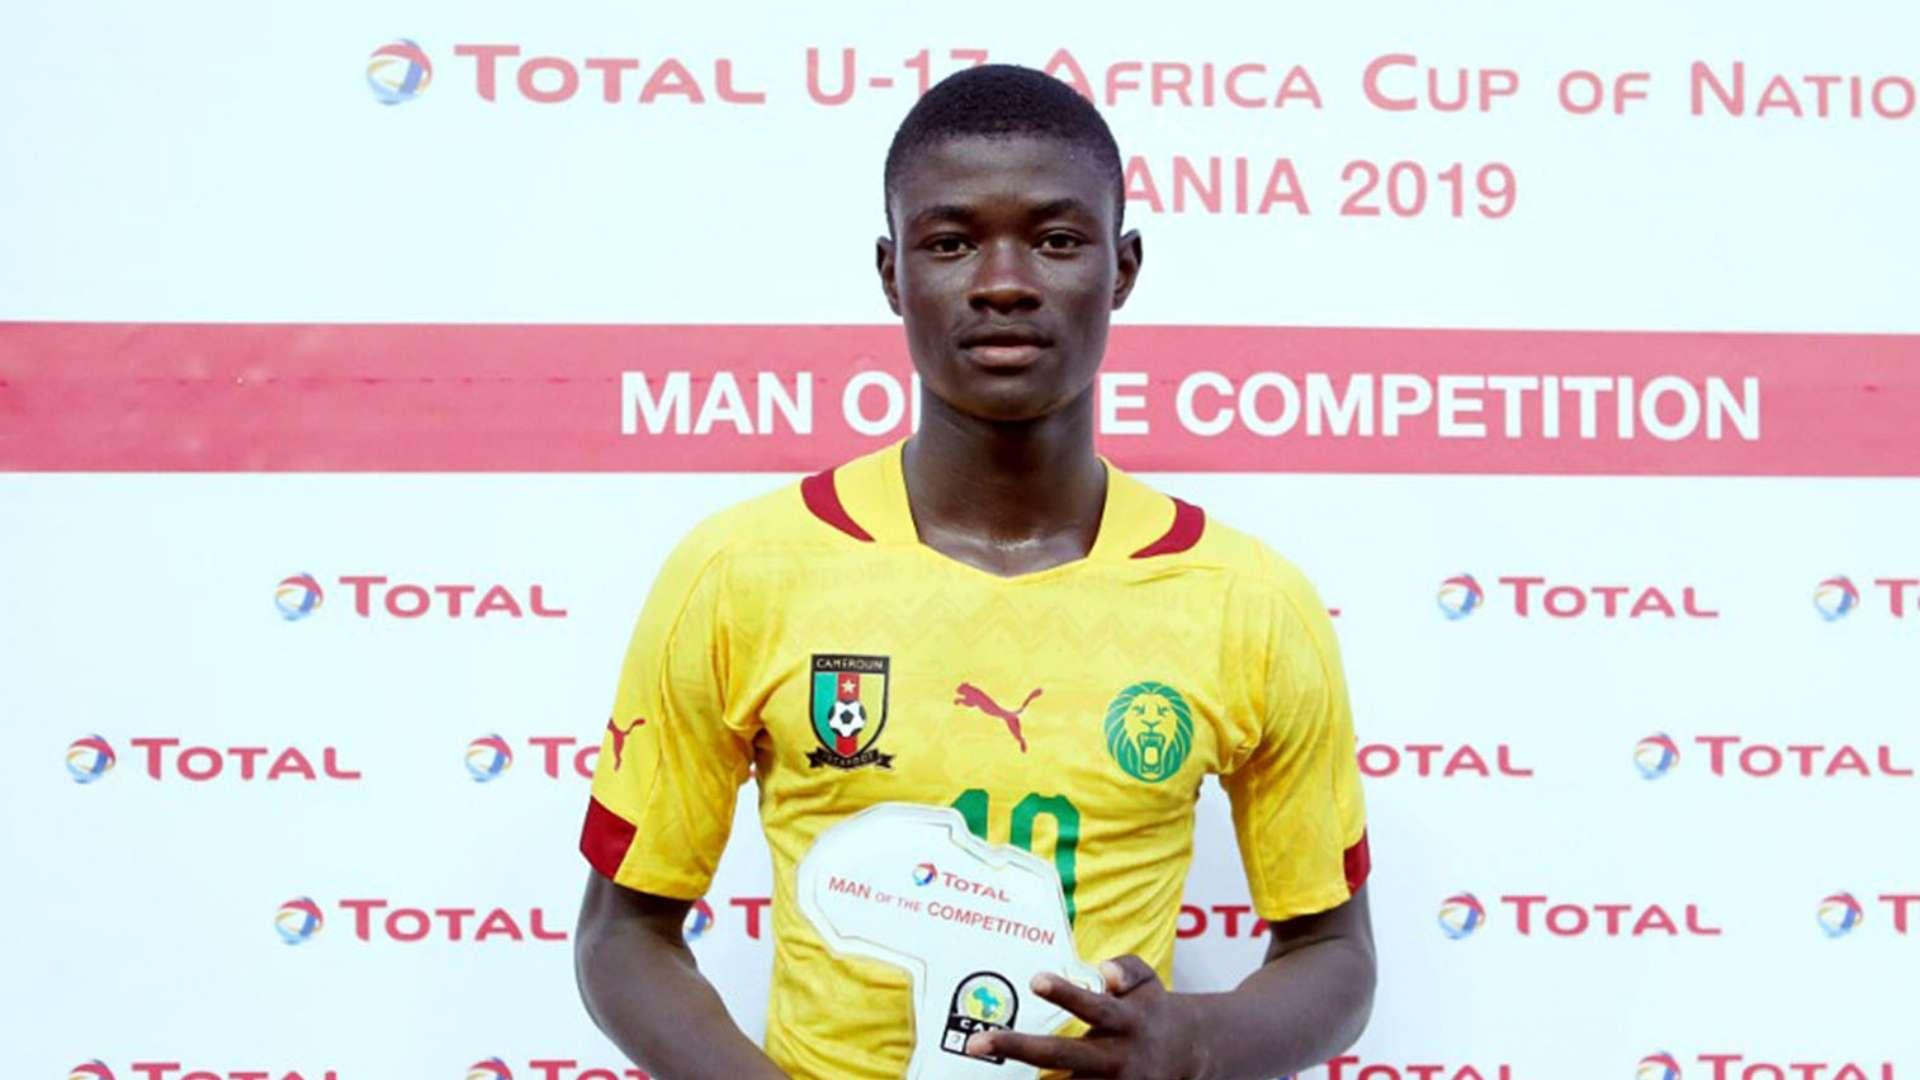 Coupe du Monde u17 : ces joueurs africains à suivre de très près ...